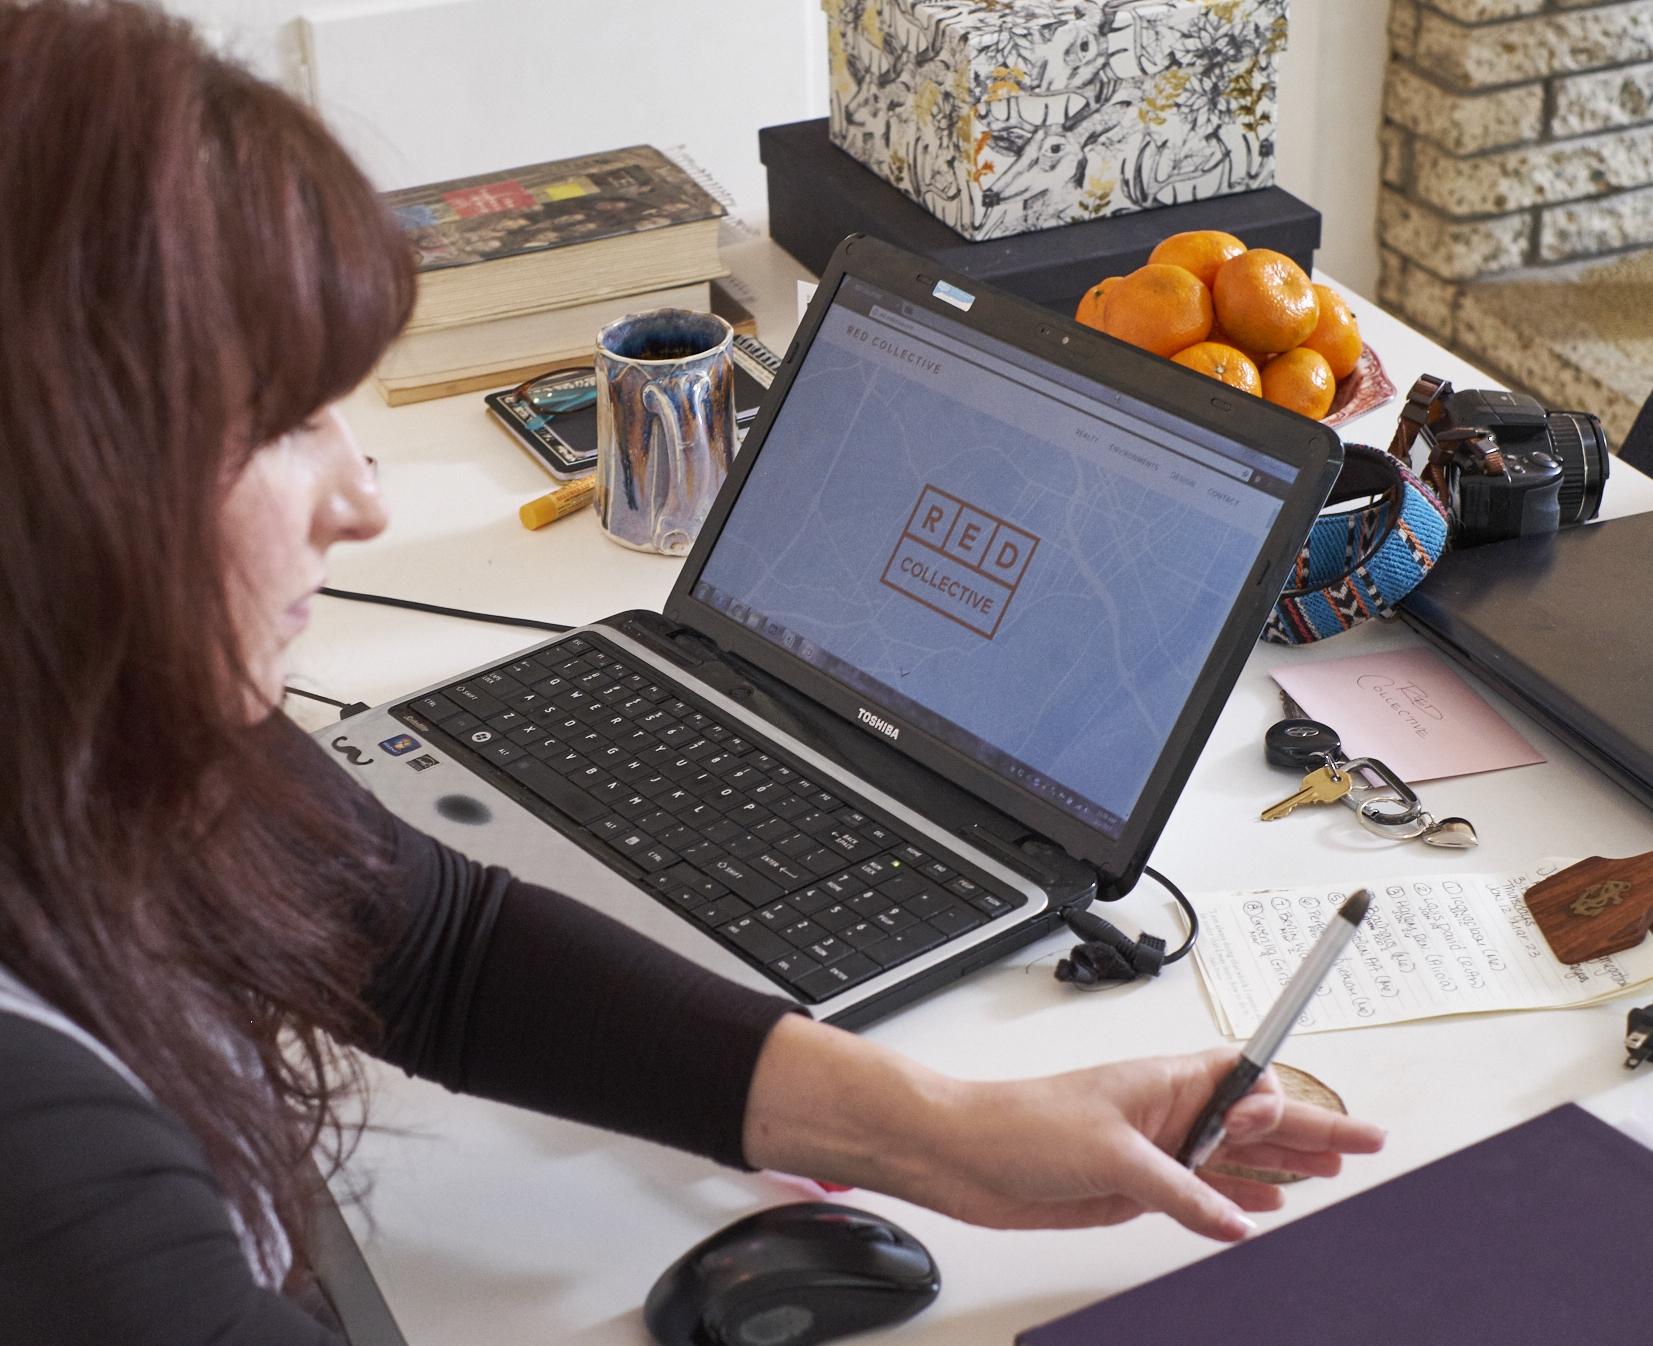 Alva  manages RED's website, social media & marketing materials